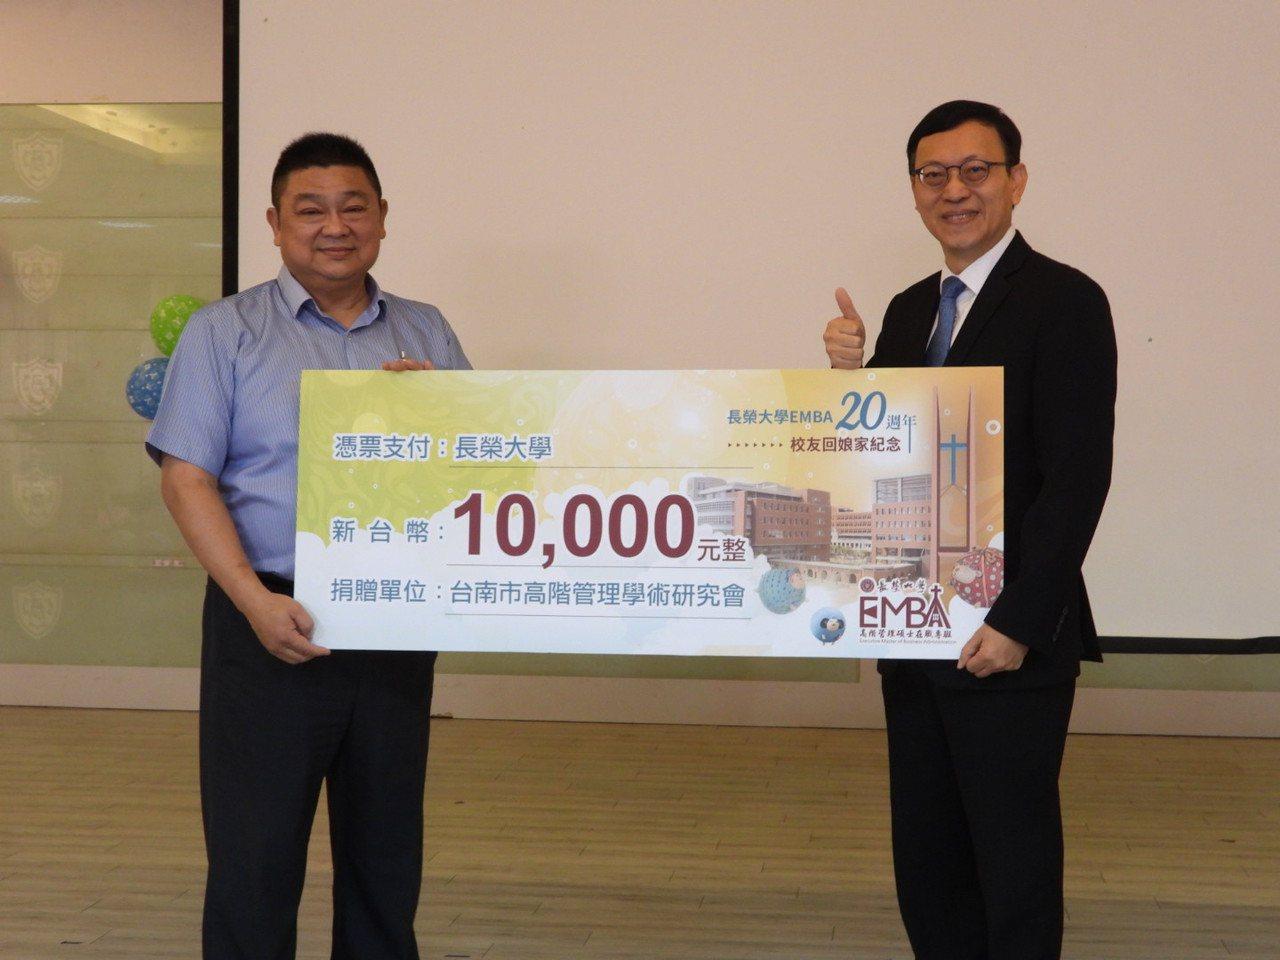 長榮大學校長李泳龍感謝EMBA校友捐贈獎助學金支持母校。記者周宗禎/攝影